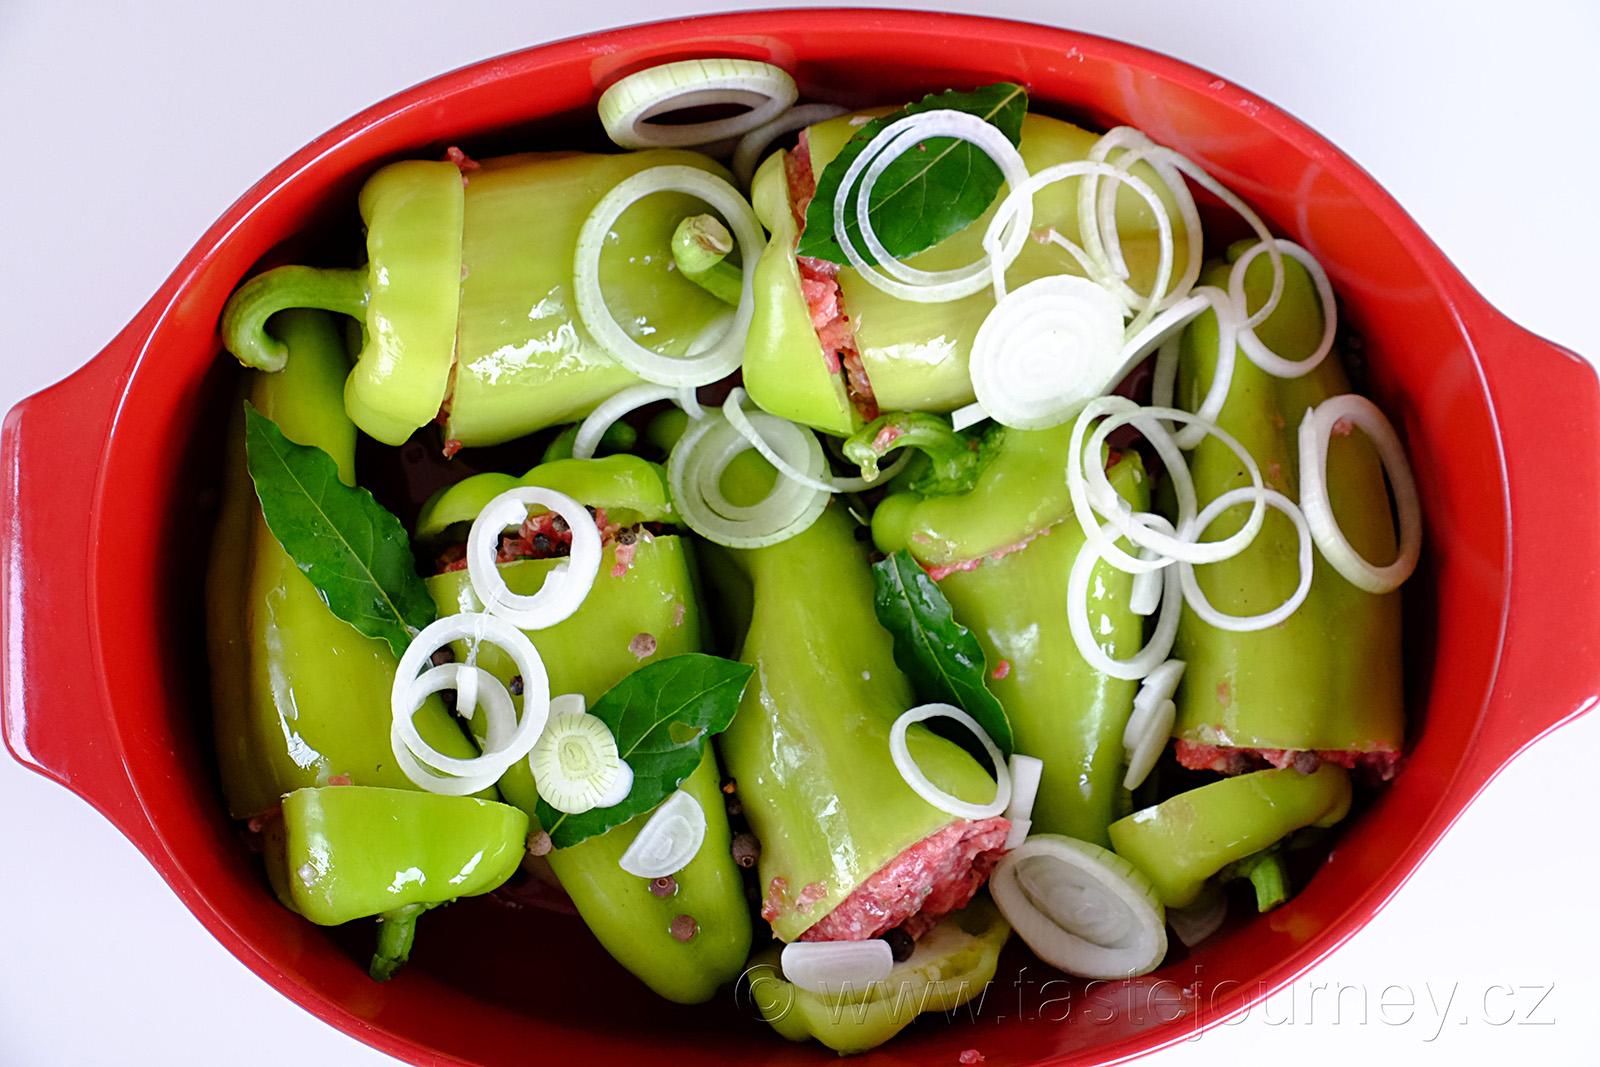 Cibule, bobkový list, nové koření a pepř dodají tu správnou chuť paprice i omáčce.